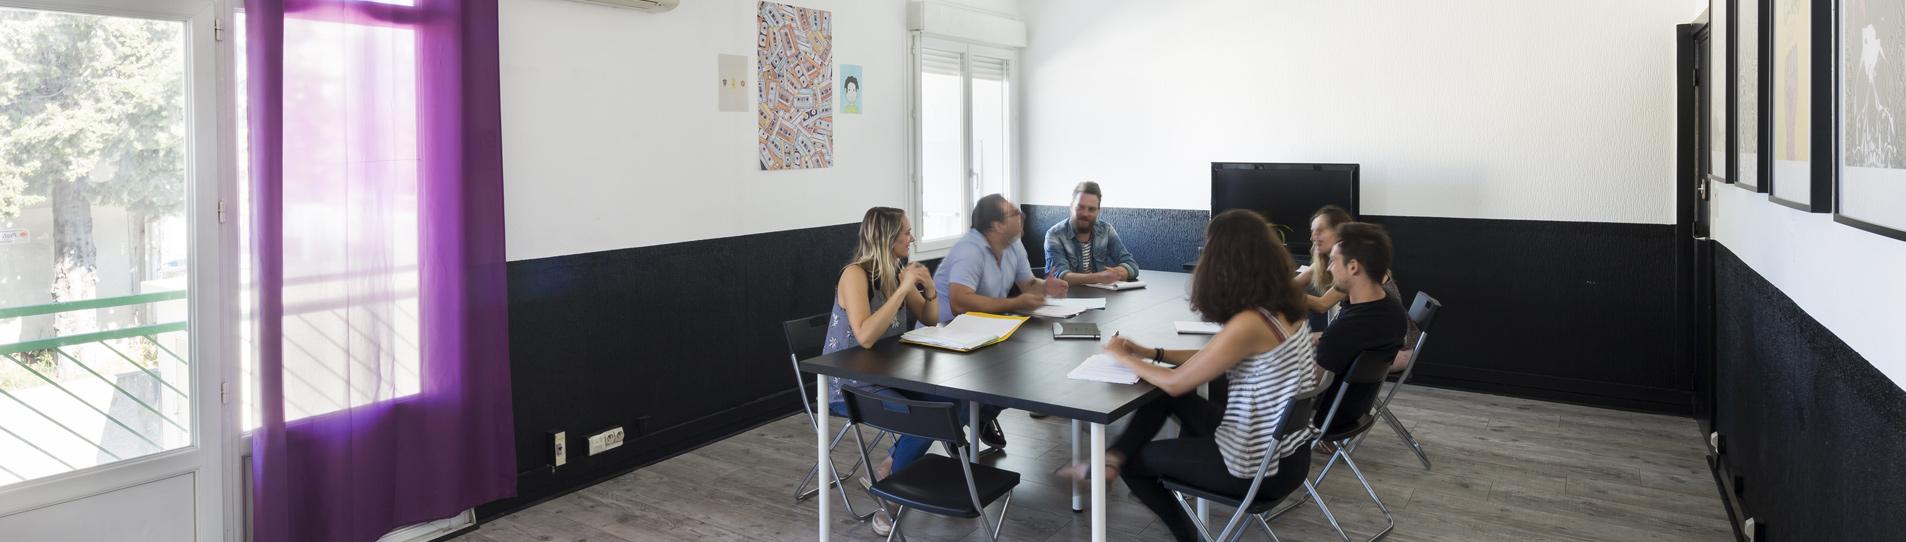 locaux radio clapas - salle de réunion/formation